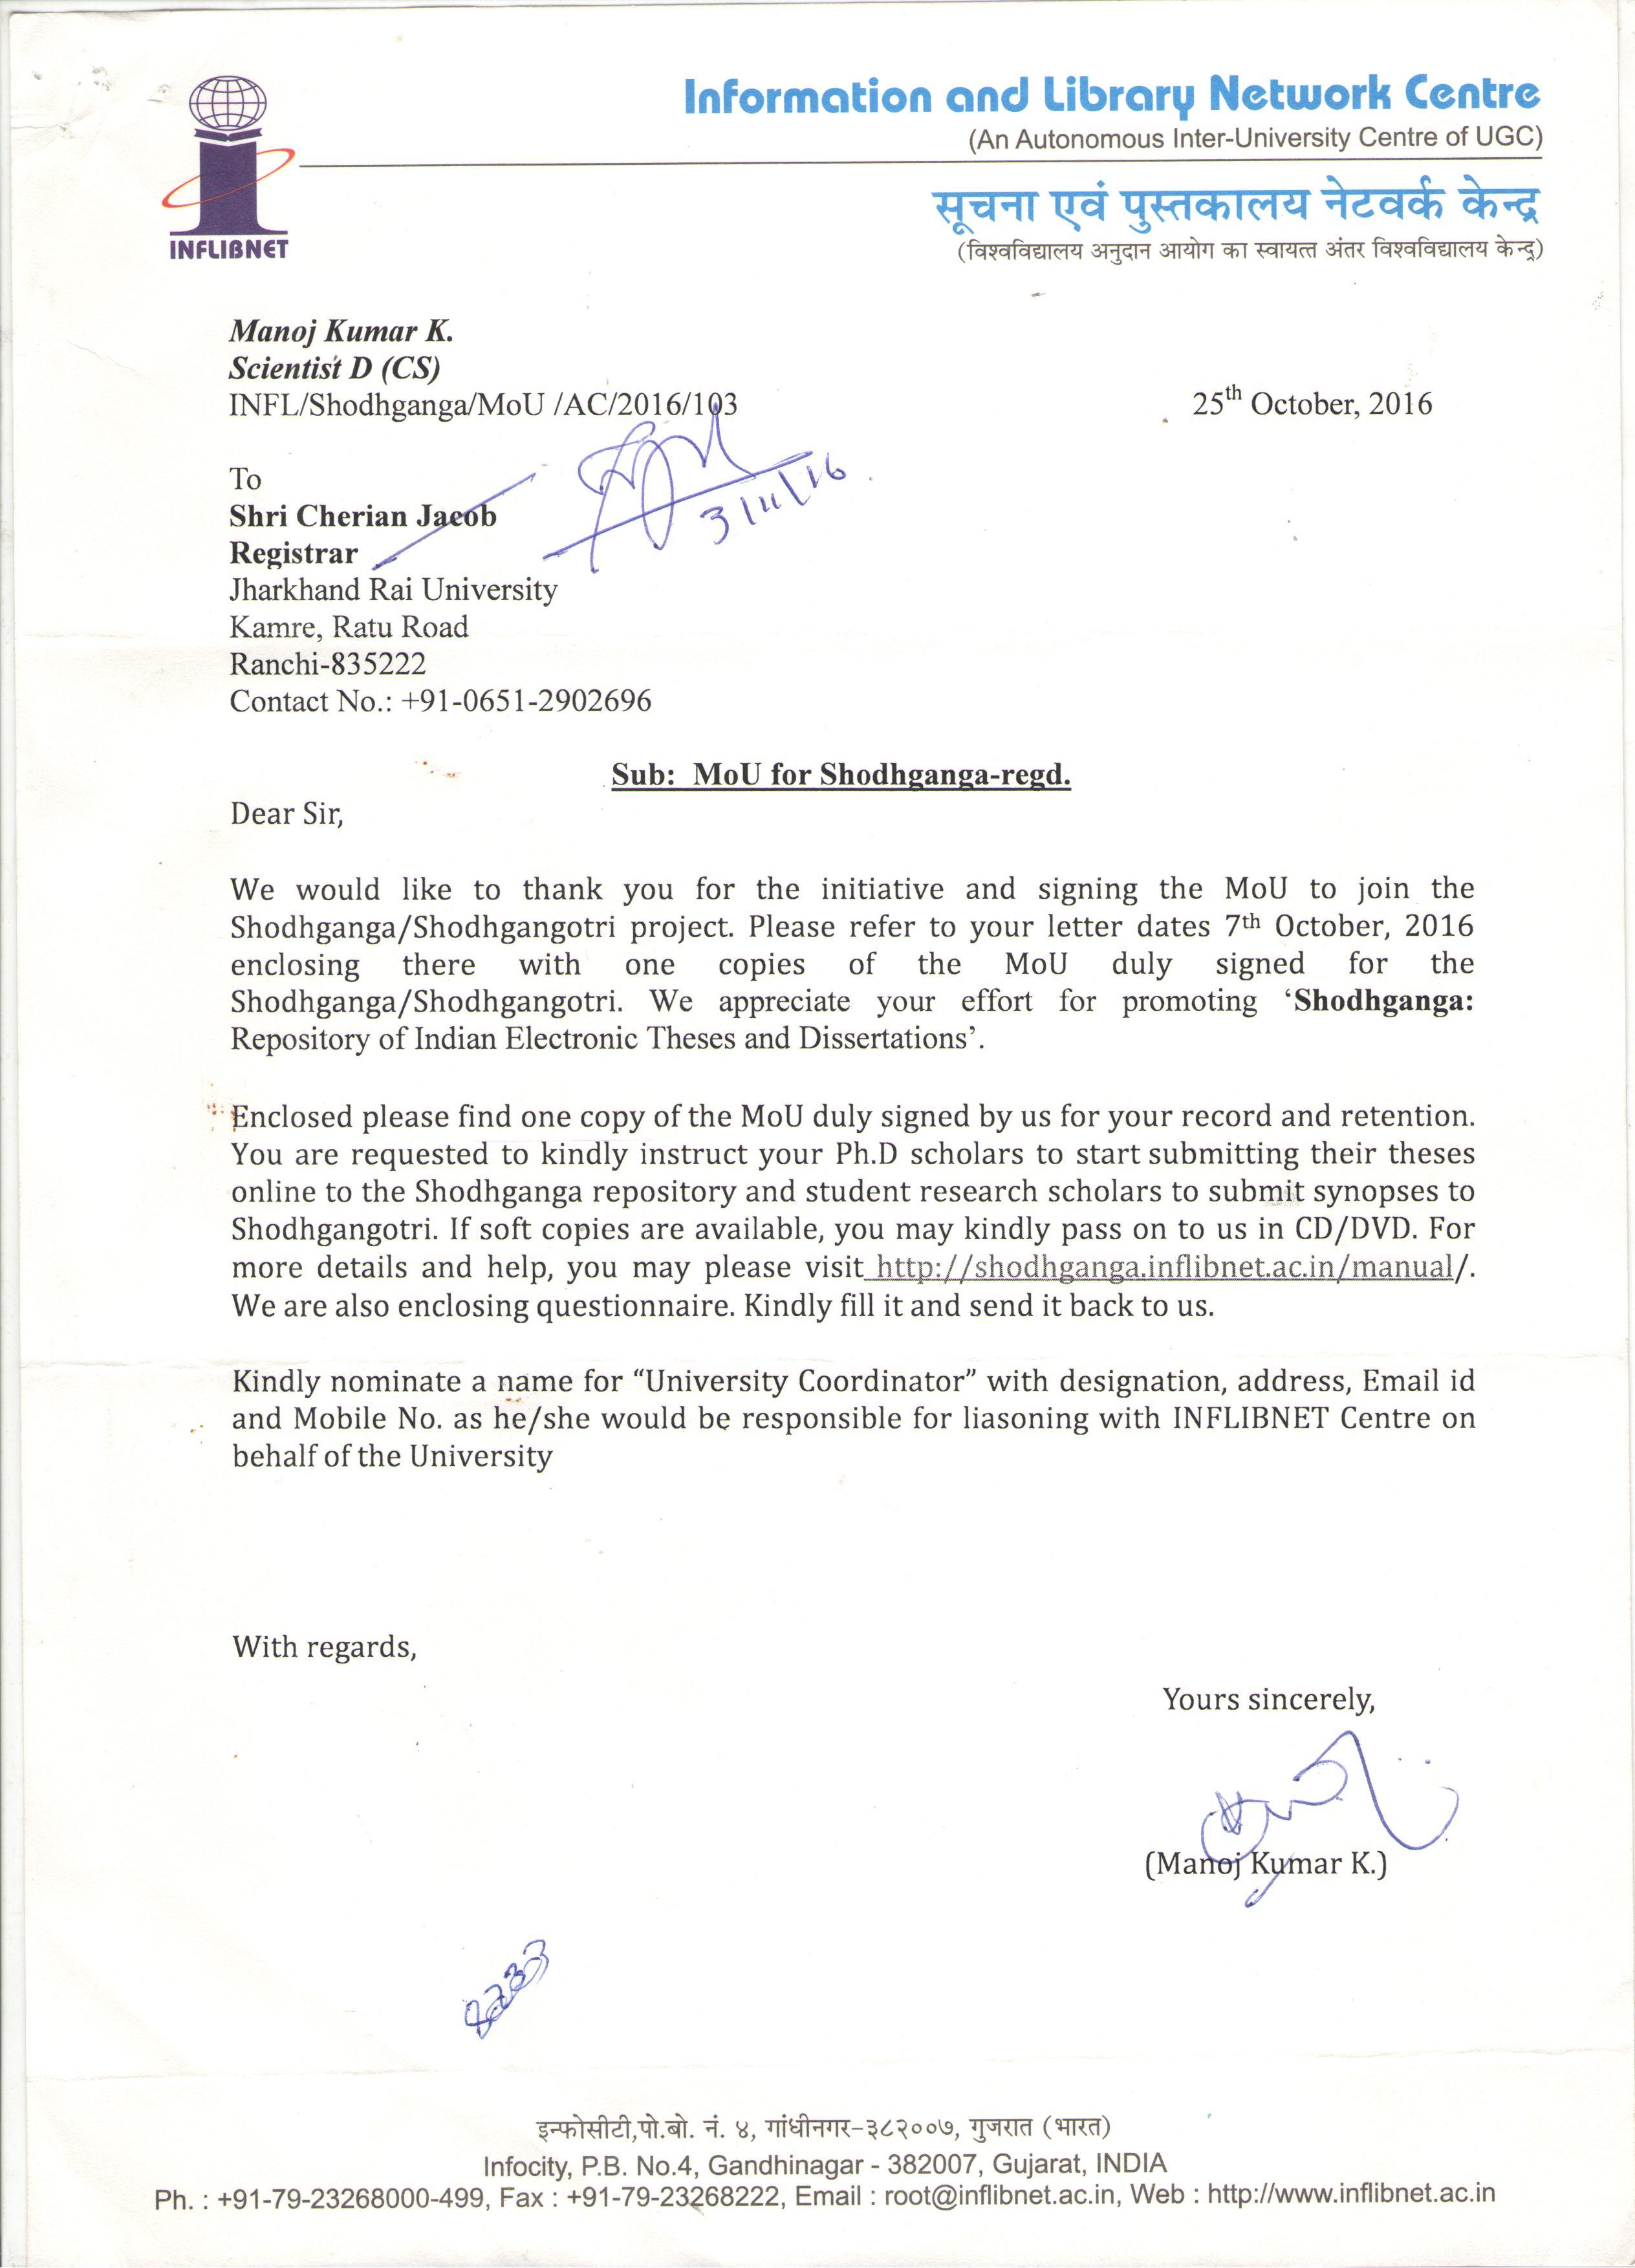 Jharkhand Rai University